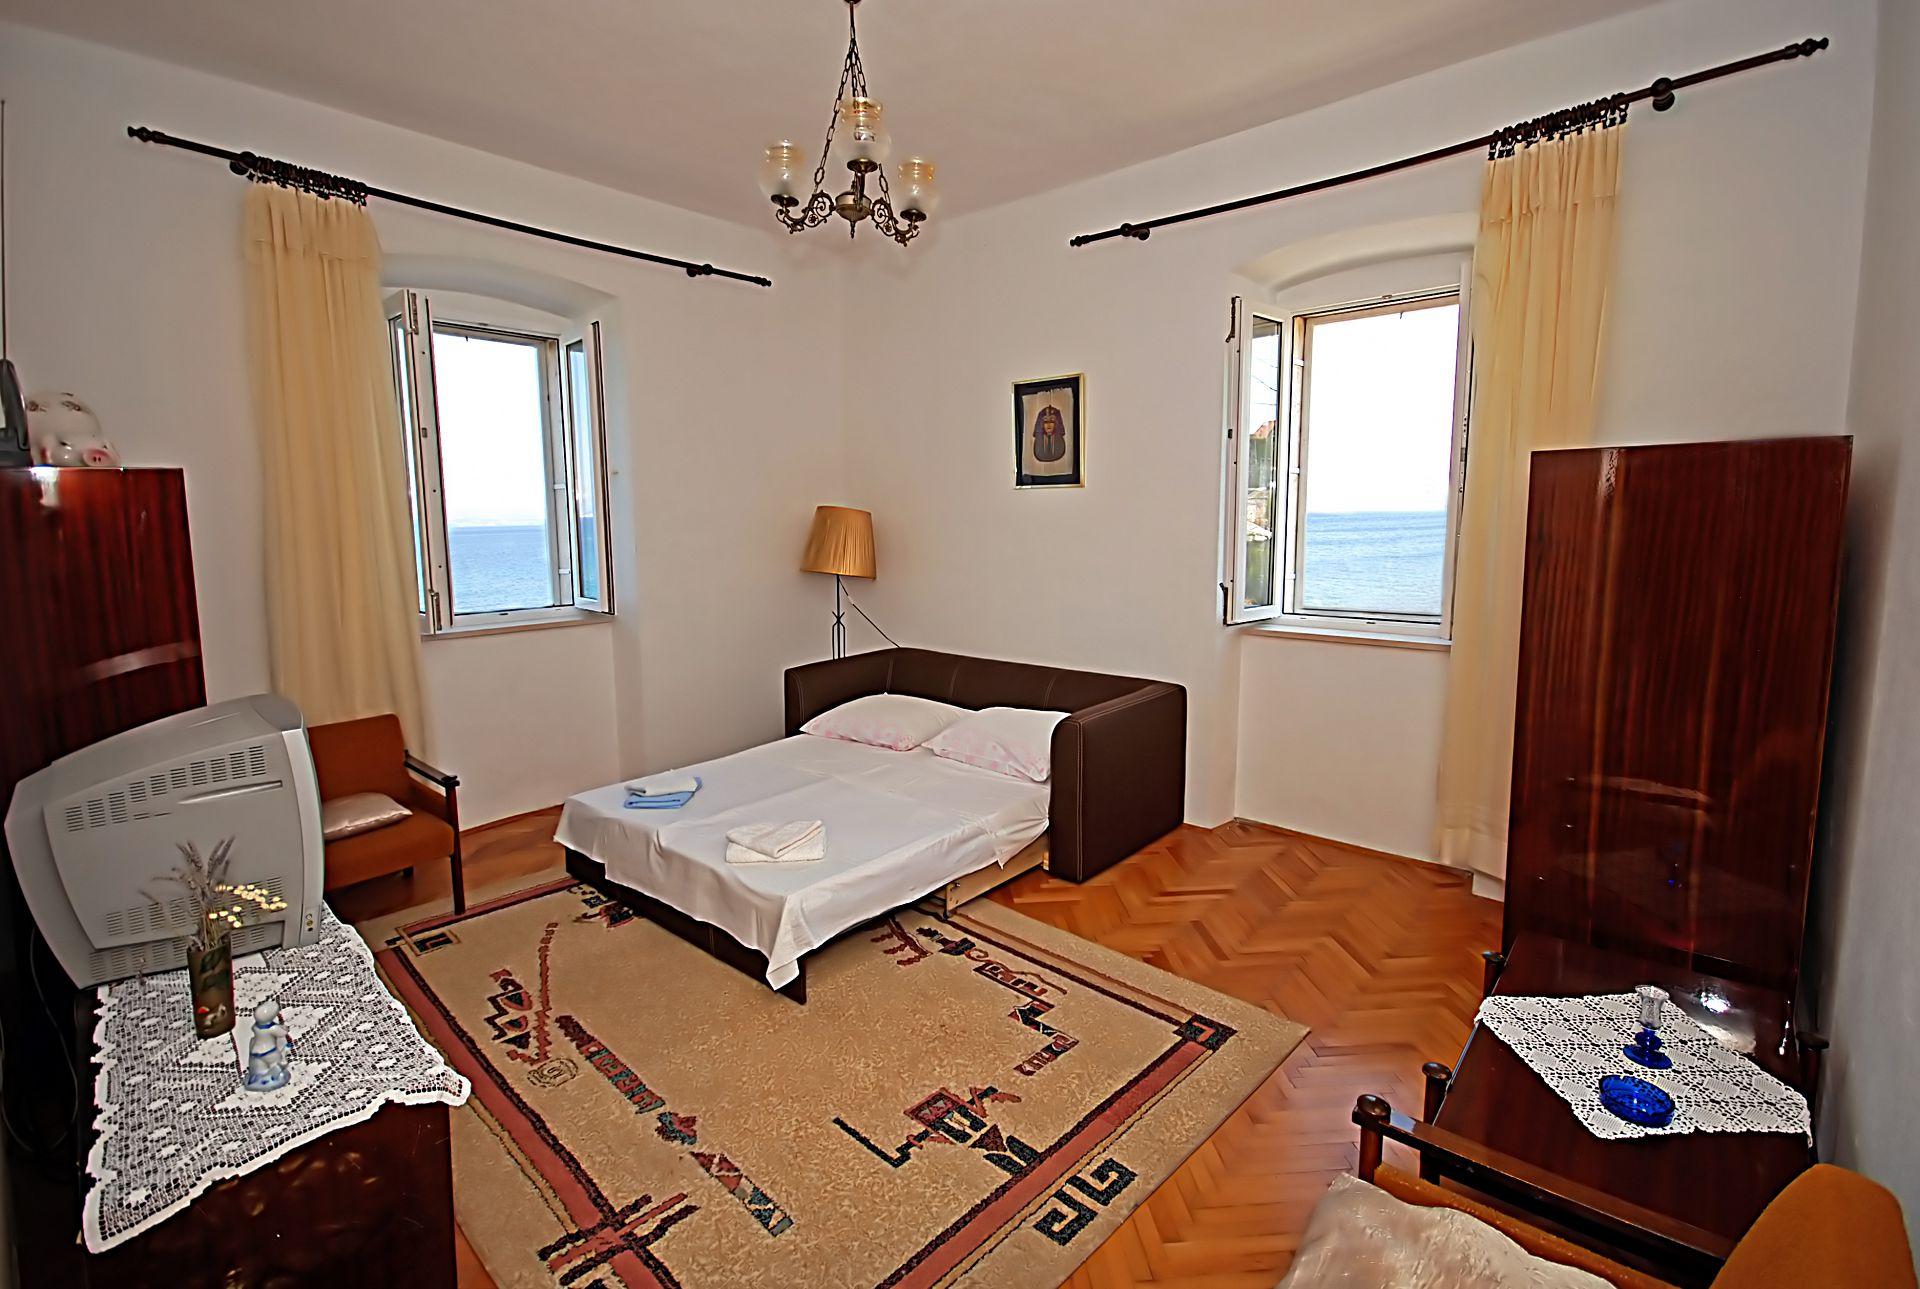 35278  - Sutivan - Appartements Croatie - A1(4+2): séjour